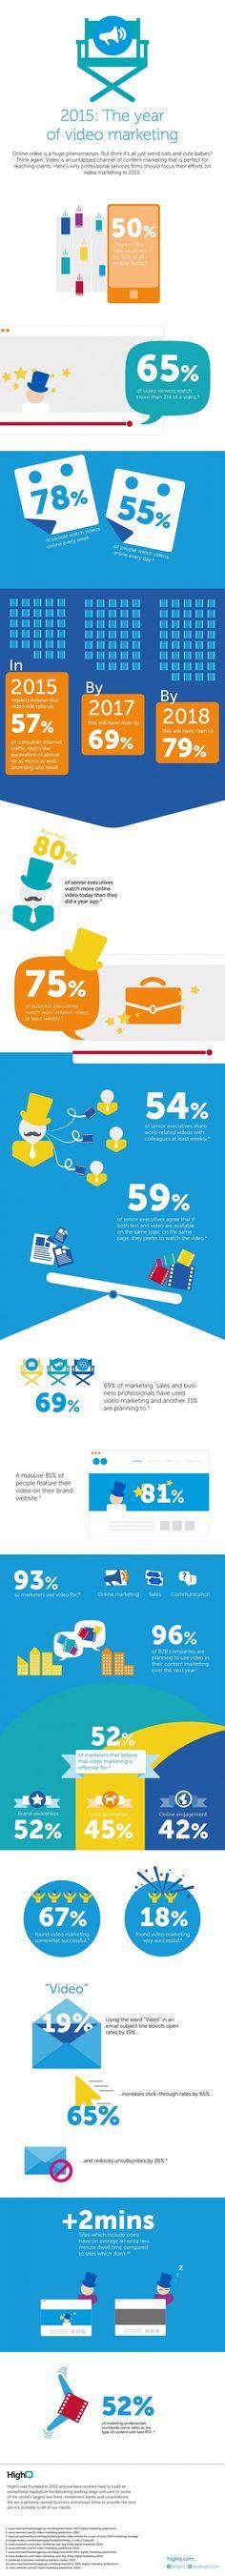 #infografik #videomarketing 2015 kennzahlen & tipps